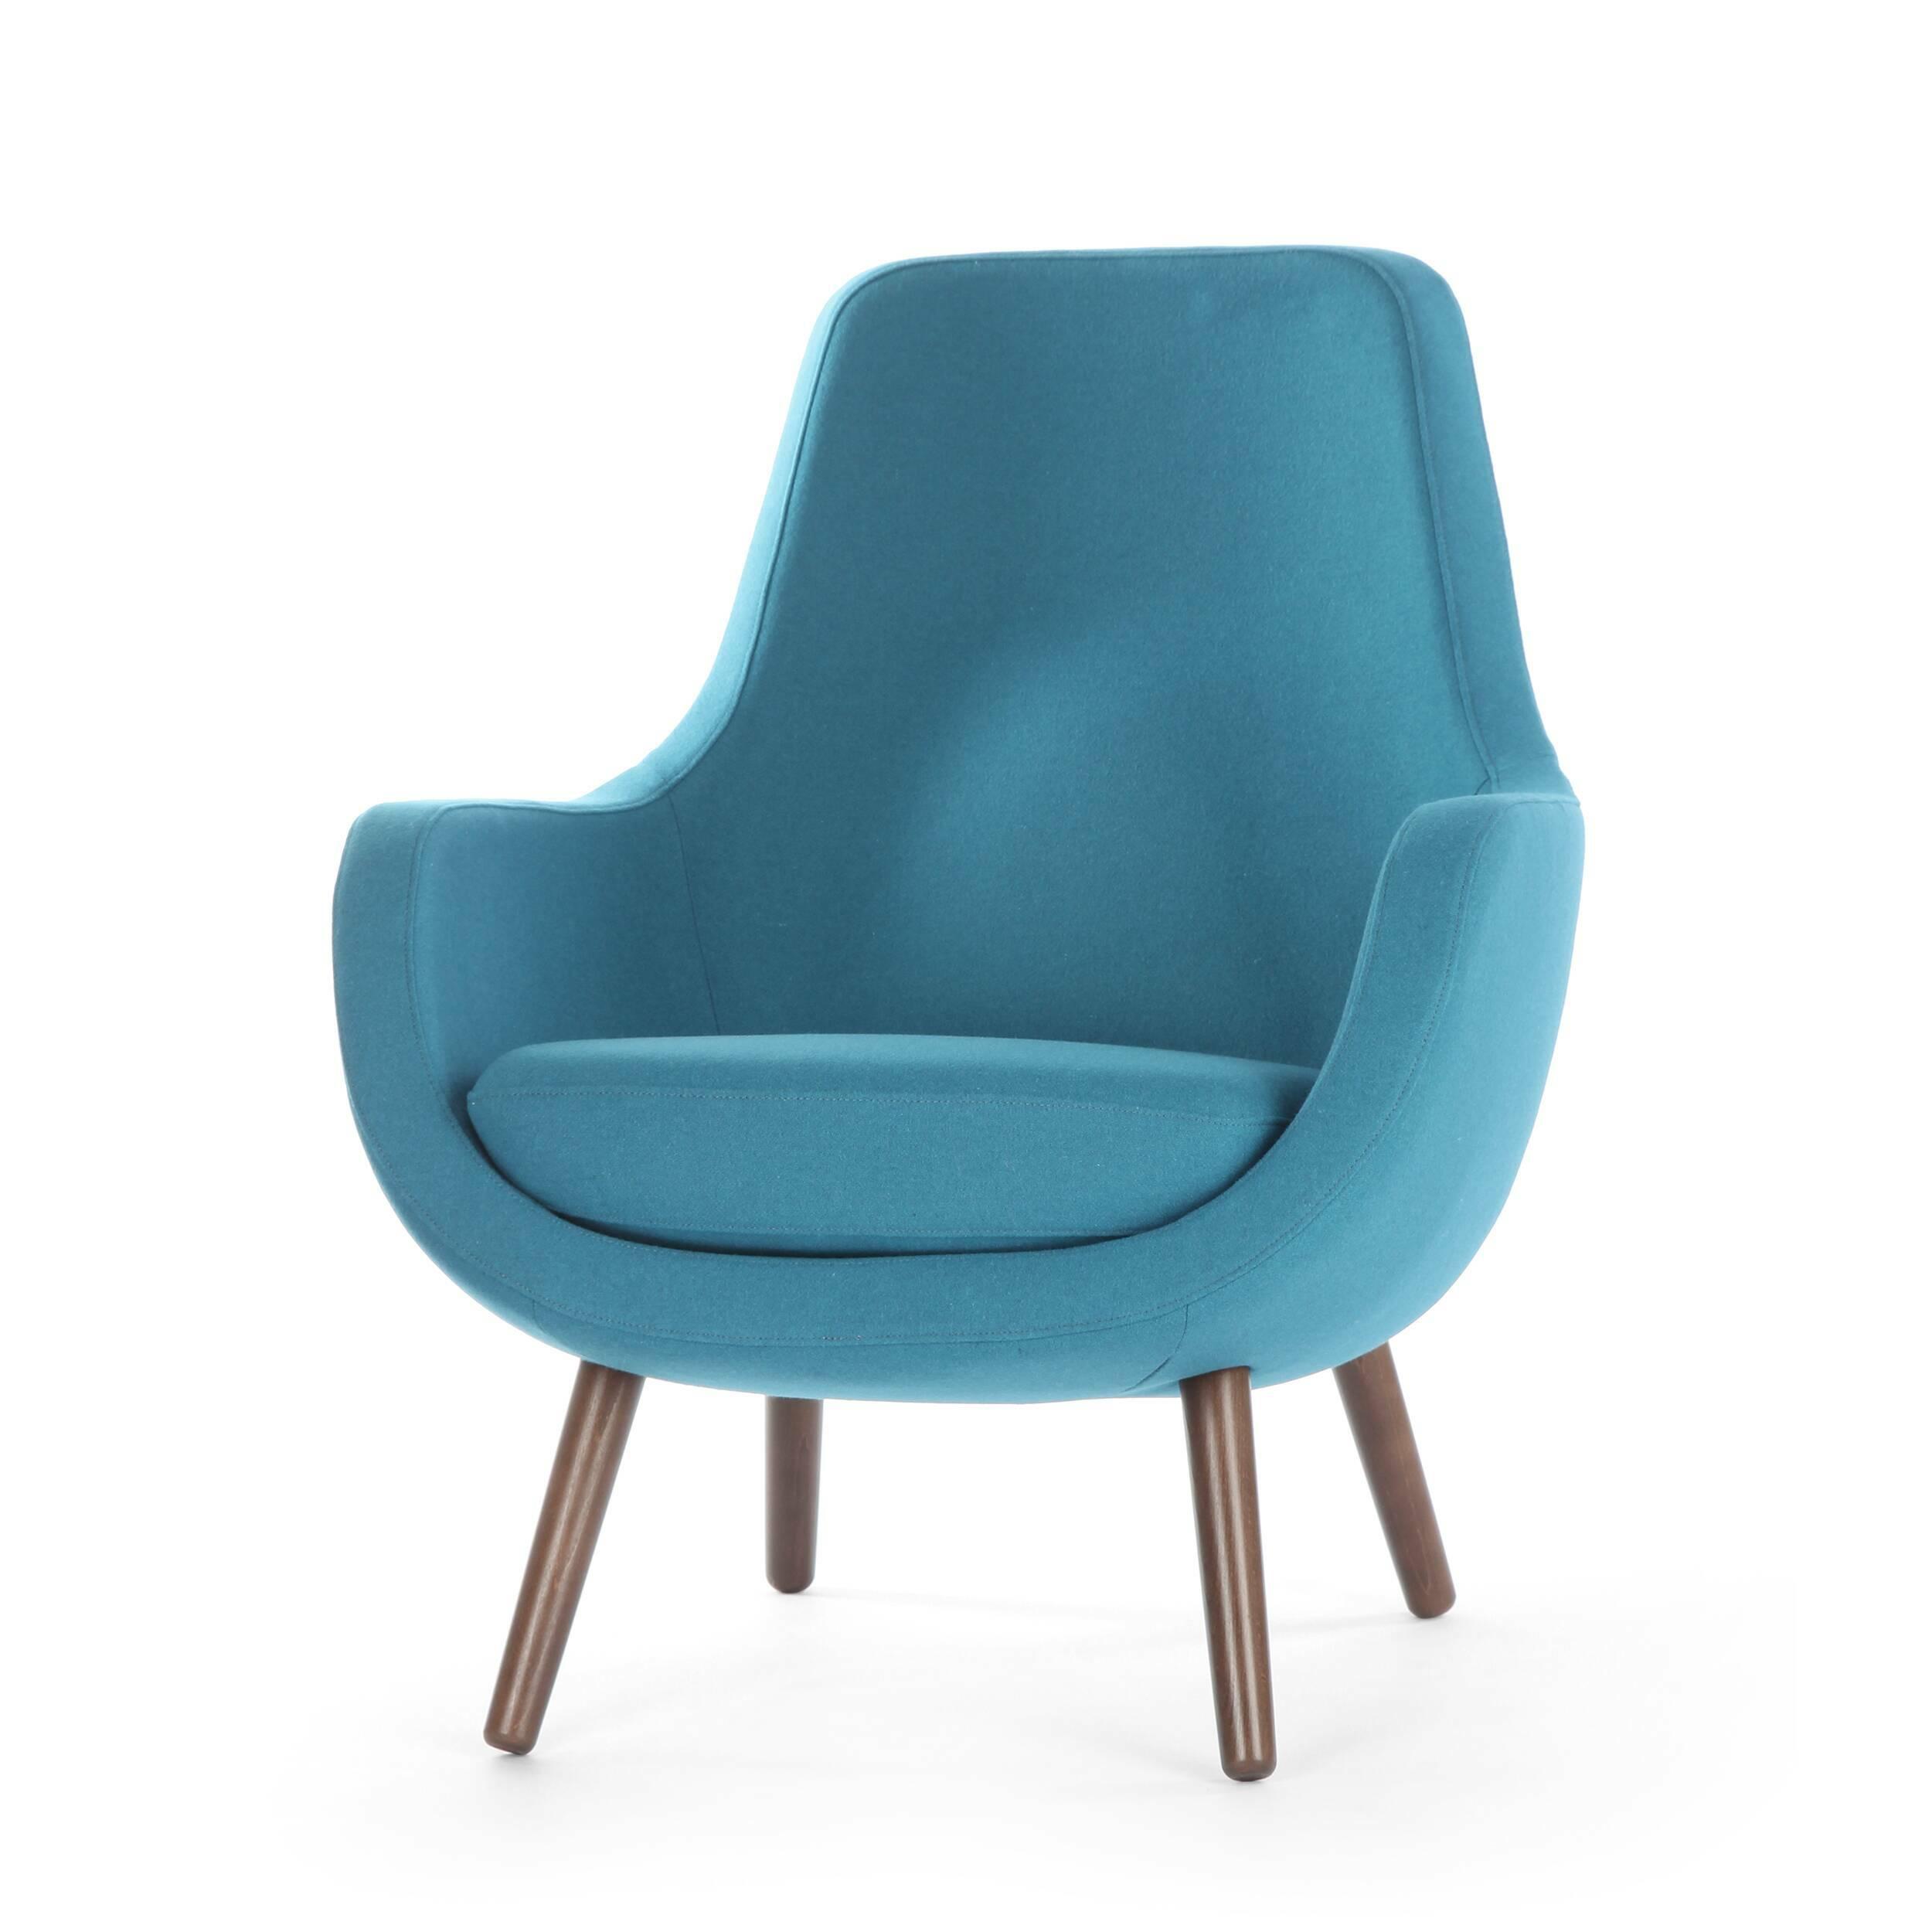 Кресло StefaniИнтерьерные<br>Дизайнерское яркое небольшое кресло Stefani (Стефани) на деревянных ножках от Sits (Ситс).<br><br>Нильс Гаммельгард — выдающийся датский дизайнер, сумевший найти свою нишу. Образованный и талантливый дизайнер вот уже 45 радует взыскательных любителей красивого интерьера. Как художнику ему удается создавать настоящие произведения искусства. Каждая его работа, предмет мебели, — это красивый и лаконичный дизайн, идеально подходящий для интерьера в скандинавском стиле.<br> <br> Один из его совершенных ...<br><br>stock: 0<br>Высота: 85<br>Высота сиденья: 42<br>Ширина: 73<br>Глубина: 77<br>Цвет ножек: Орех<br>Материал обивки: Шерсть, Полиамид<br>Степень комфортности: Стандарт комфорт<br>Форма подлокотников: Стандарт<br>Коллекция ткани: Категория ткани III<br>Тип материала обивки: Ткань<br>Тип материала ножек: Дерево<br>Цвет обивки: Бирюзовый